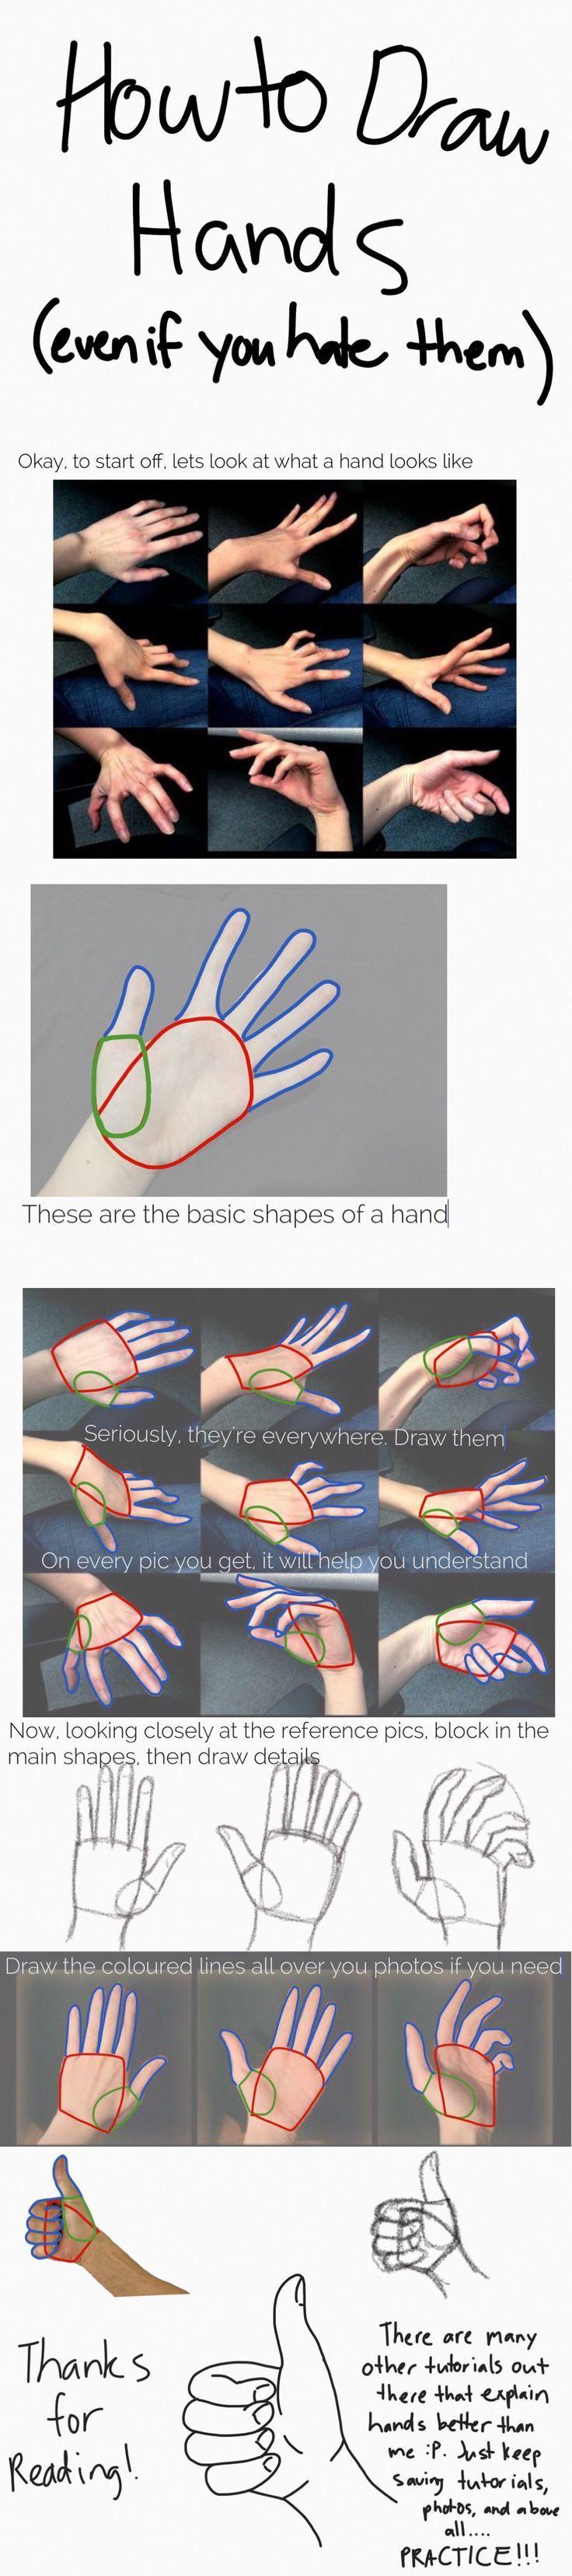 Ein unordentliches Hand-Tutorial. Ernsthaft Leute, ich kann nicht betonen, wie viel Sie brauchen, um einfach weiter zu zeichnen und zu üben. Schauen Sie sich auch jede Menge Tutorials an, wie so viele, dass sie alle verschiedene Informationen haben, die sich als nützlich erweisen werden